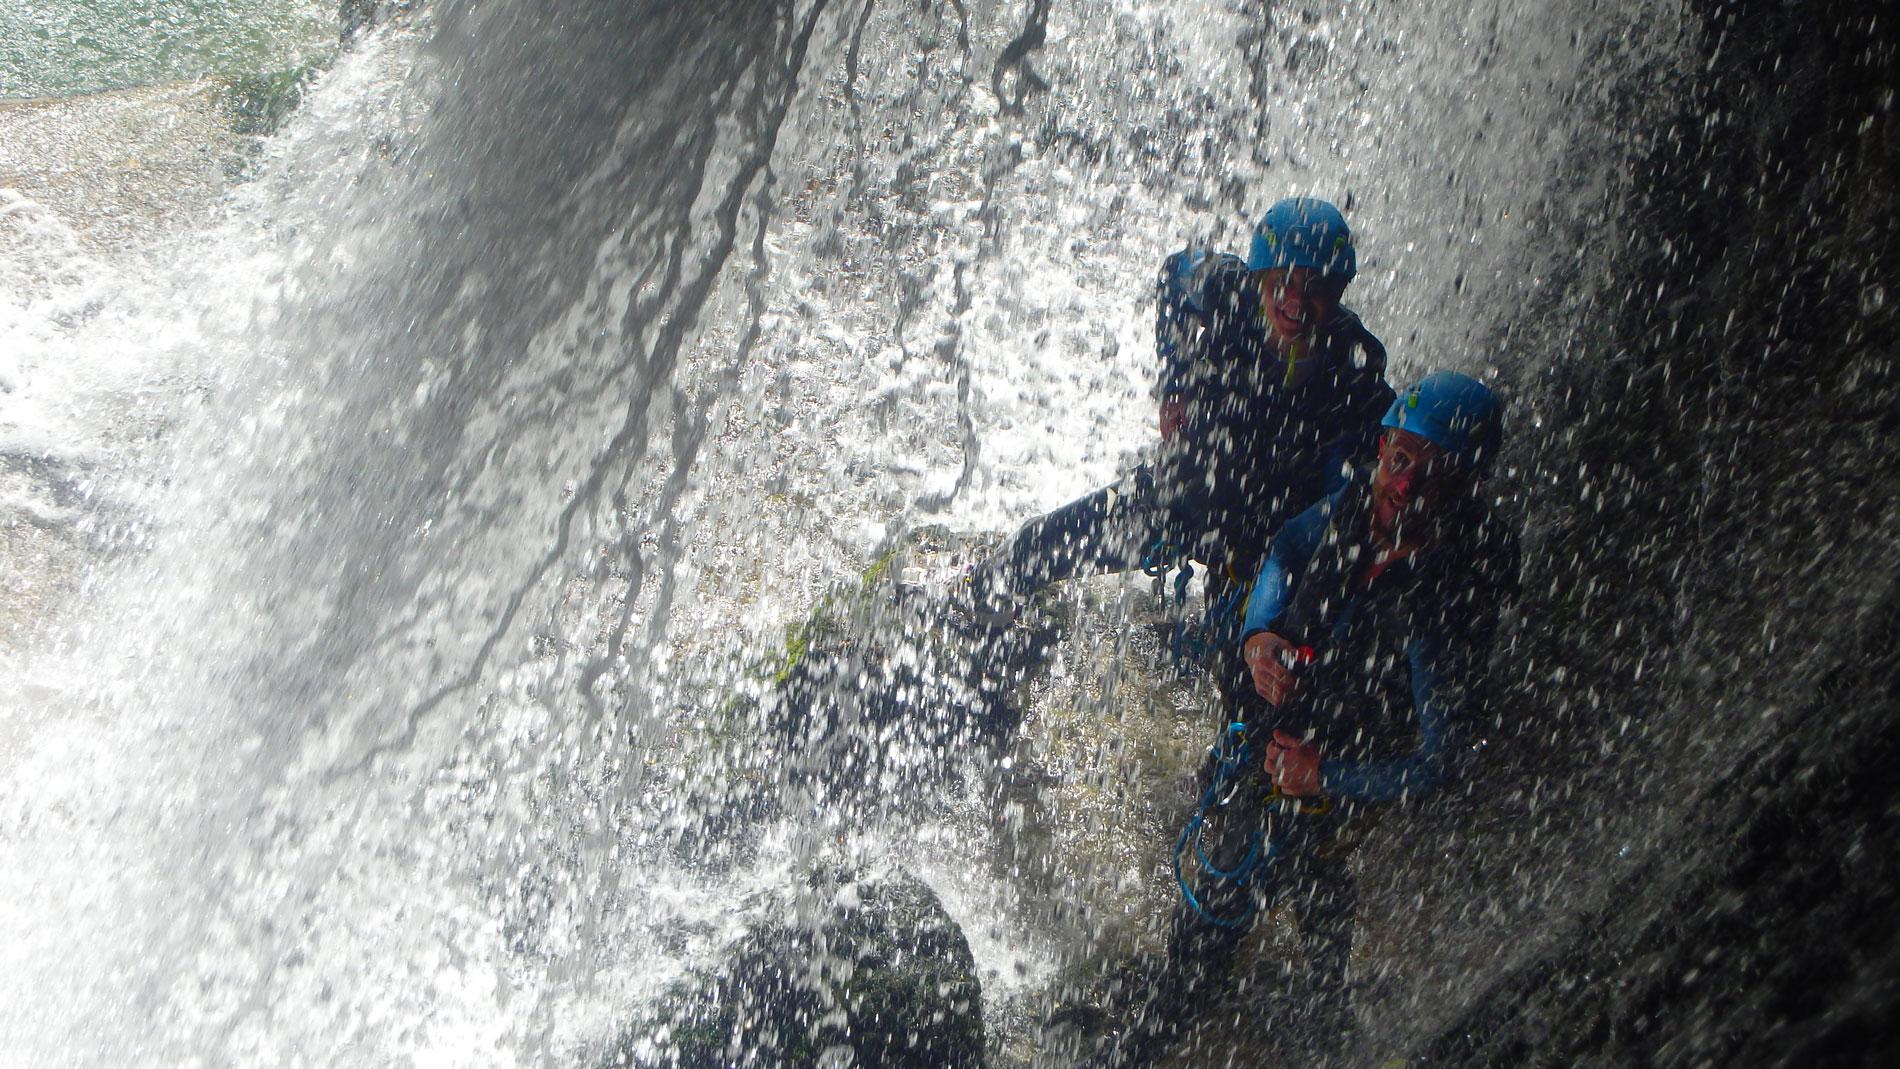 canyoning-furon-partie-basse-vercors-decouverte-5